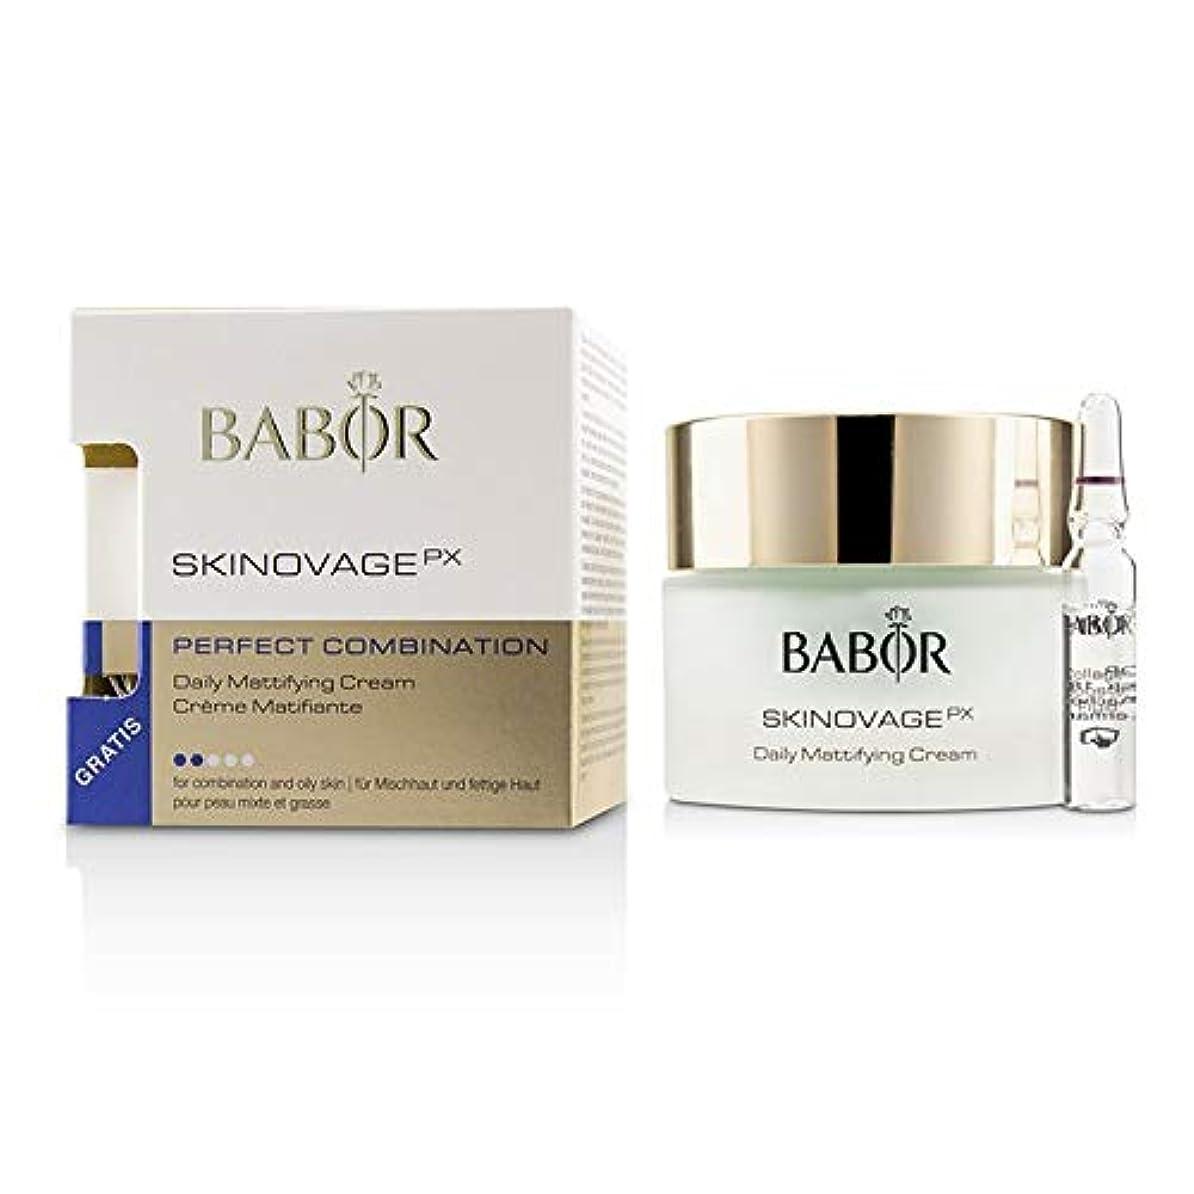 病気の証人助言バボール Skinovage PX Perfect Combination Daily Mattifying Cream (with Free Collagen Booster Fluid 2ml) - For Combination...